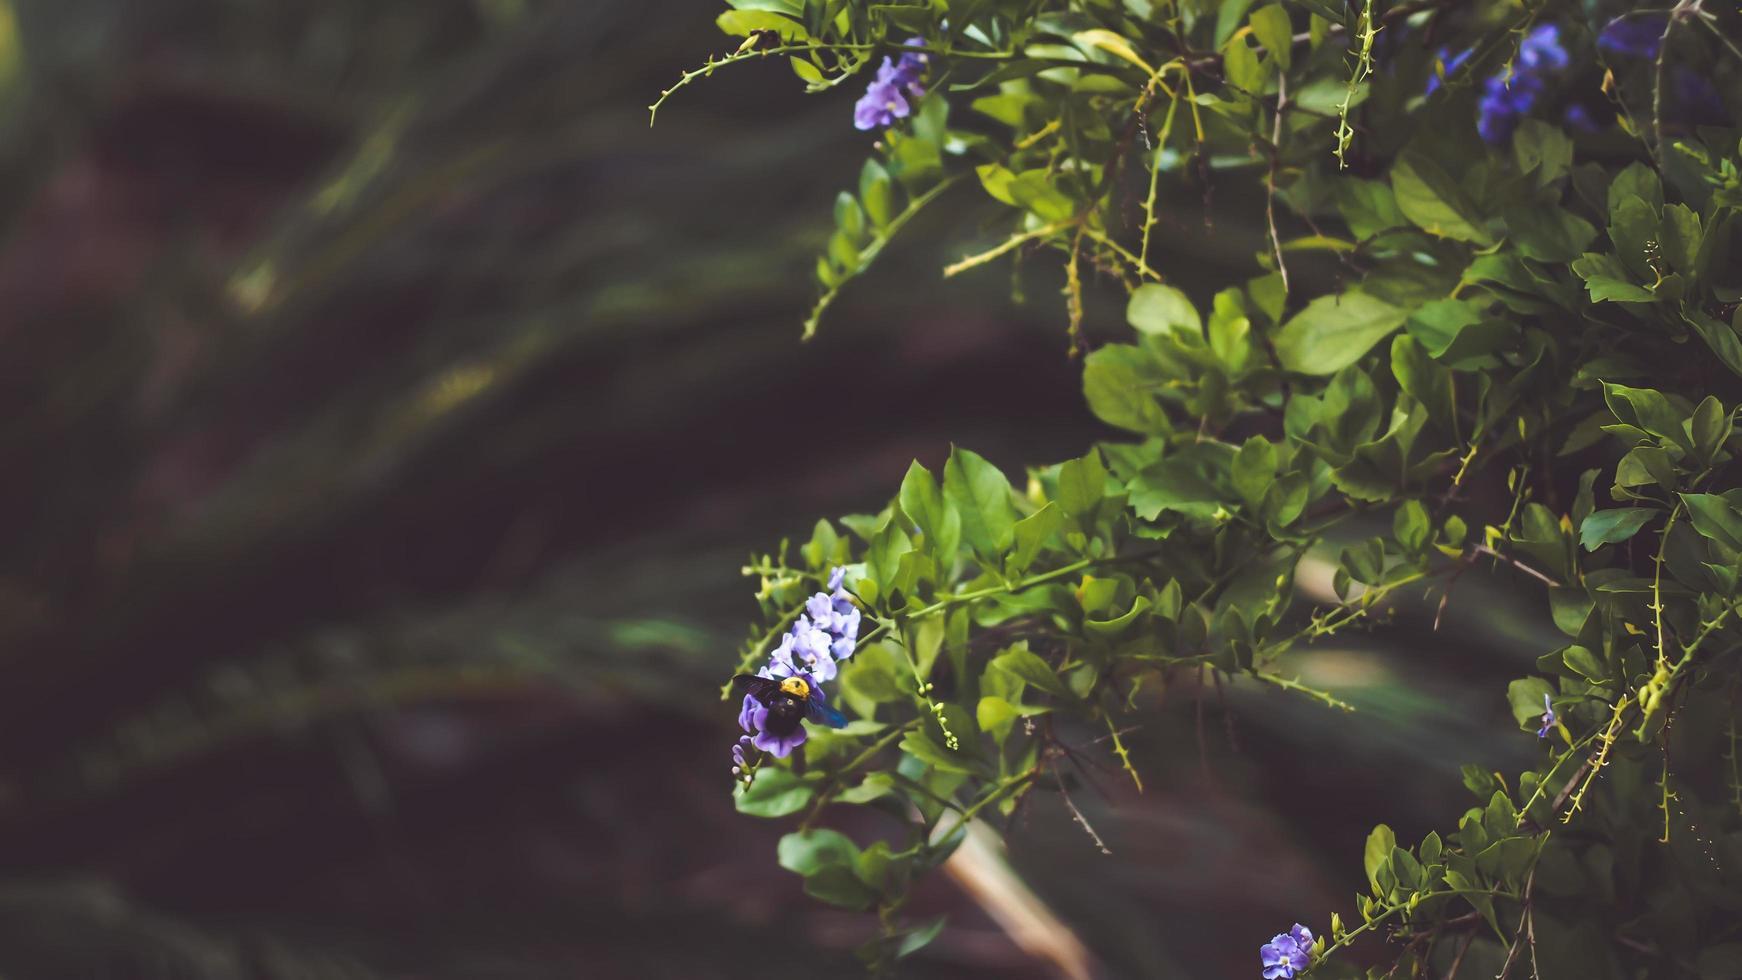 calabrone su un fiore viola foto